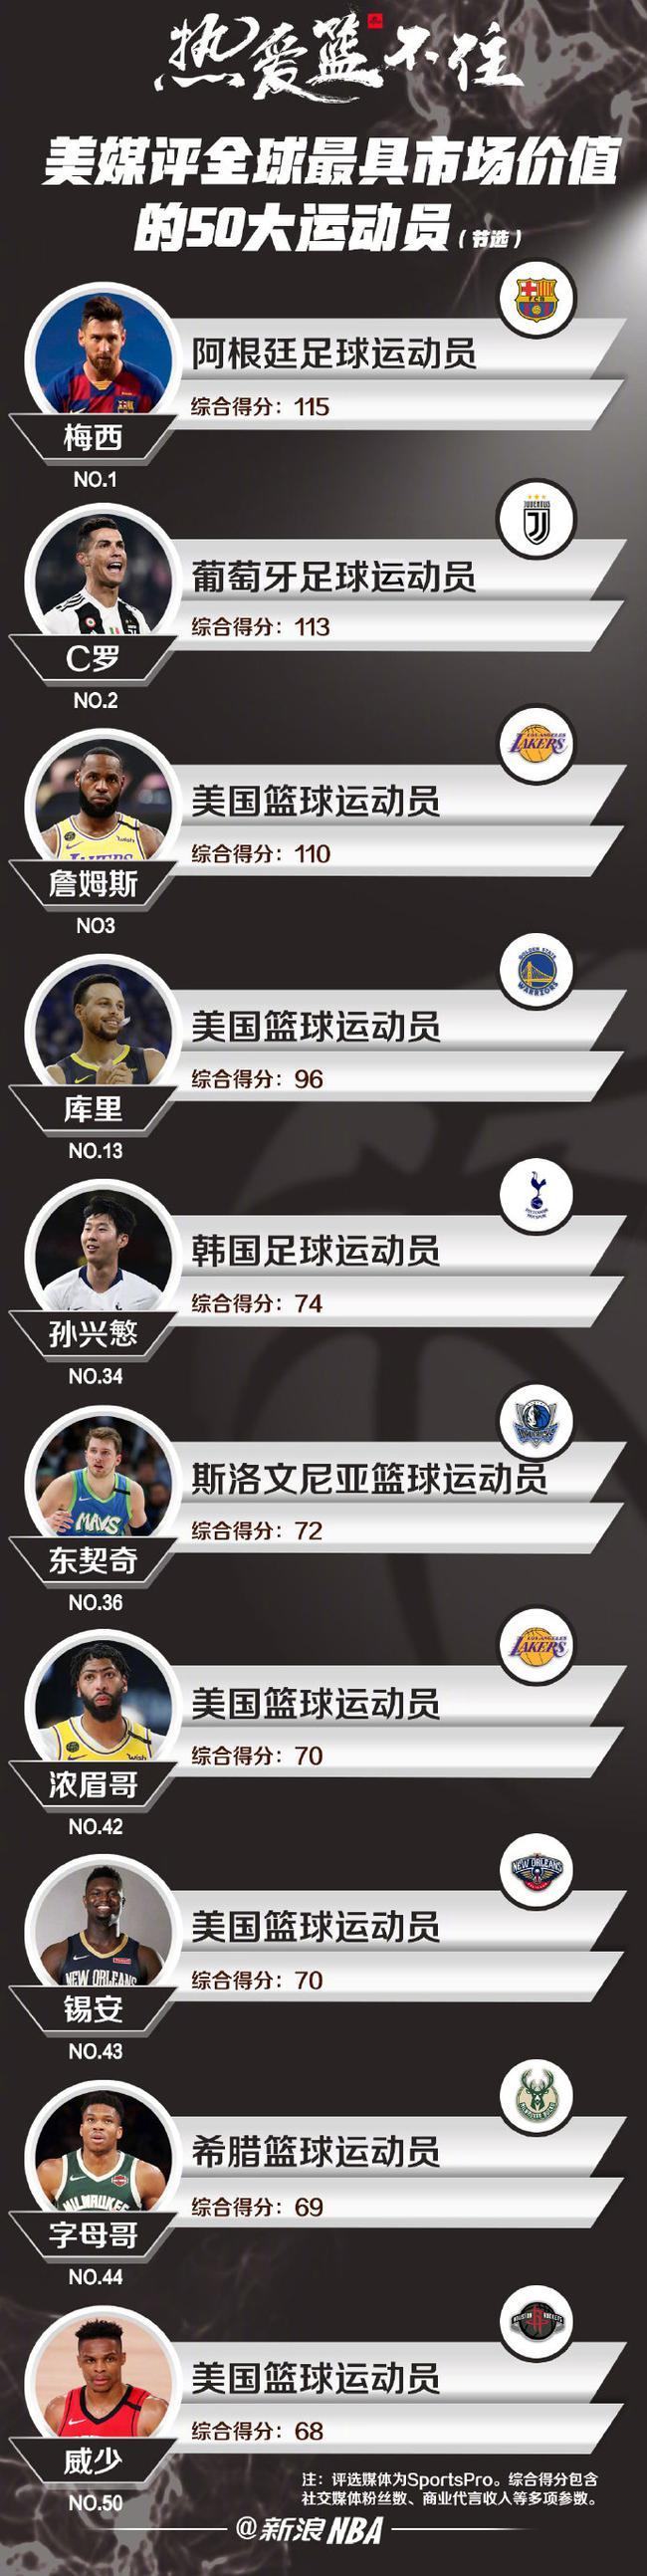 全球最具市场价值运动员:詹皇第三 NBA7人上榜